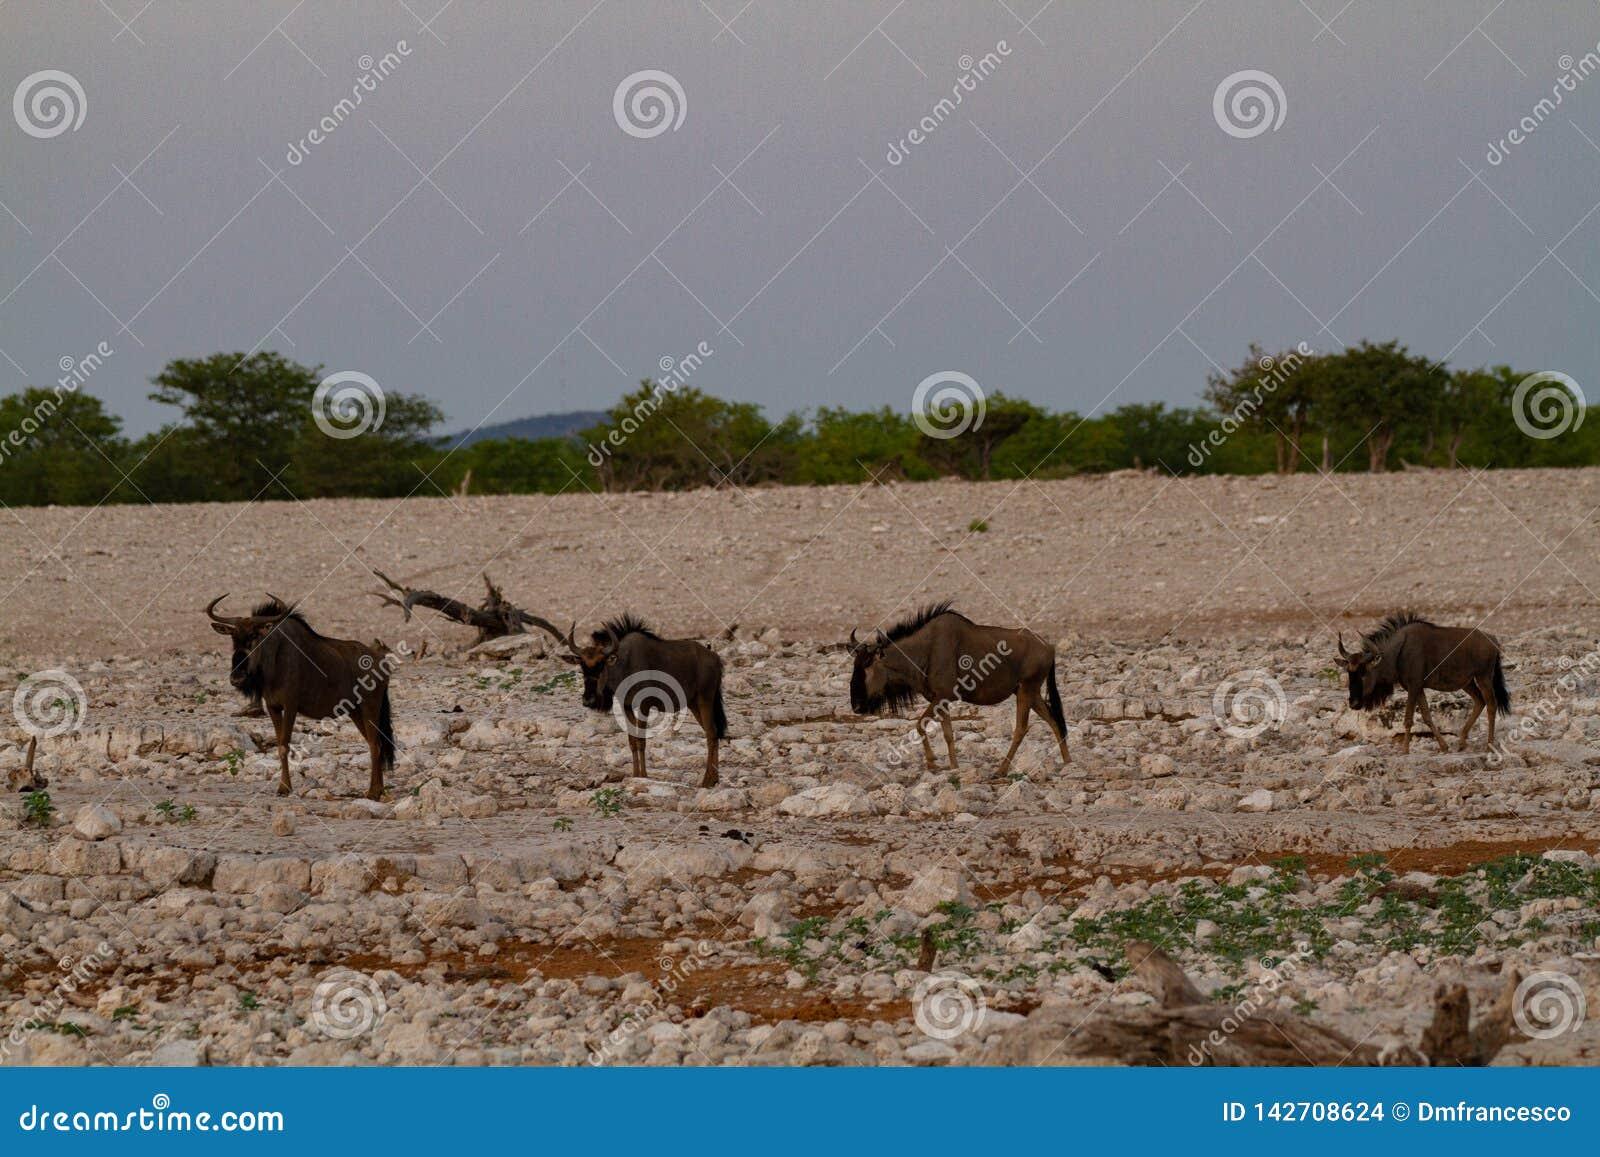 Déserts et nature bleus de la Namibie de gnou en parcs nationaux